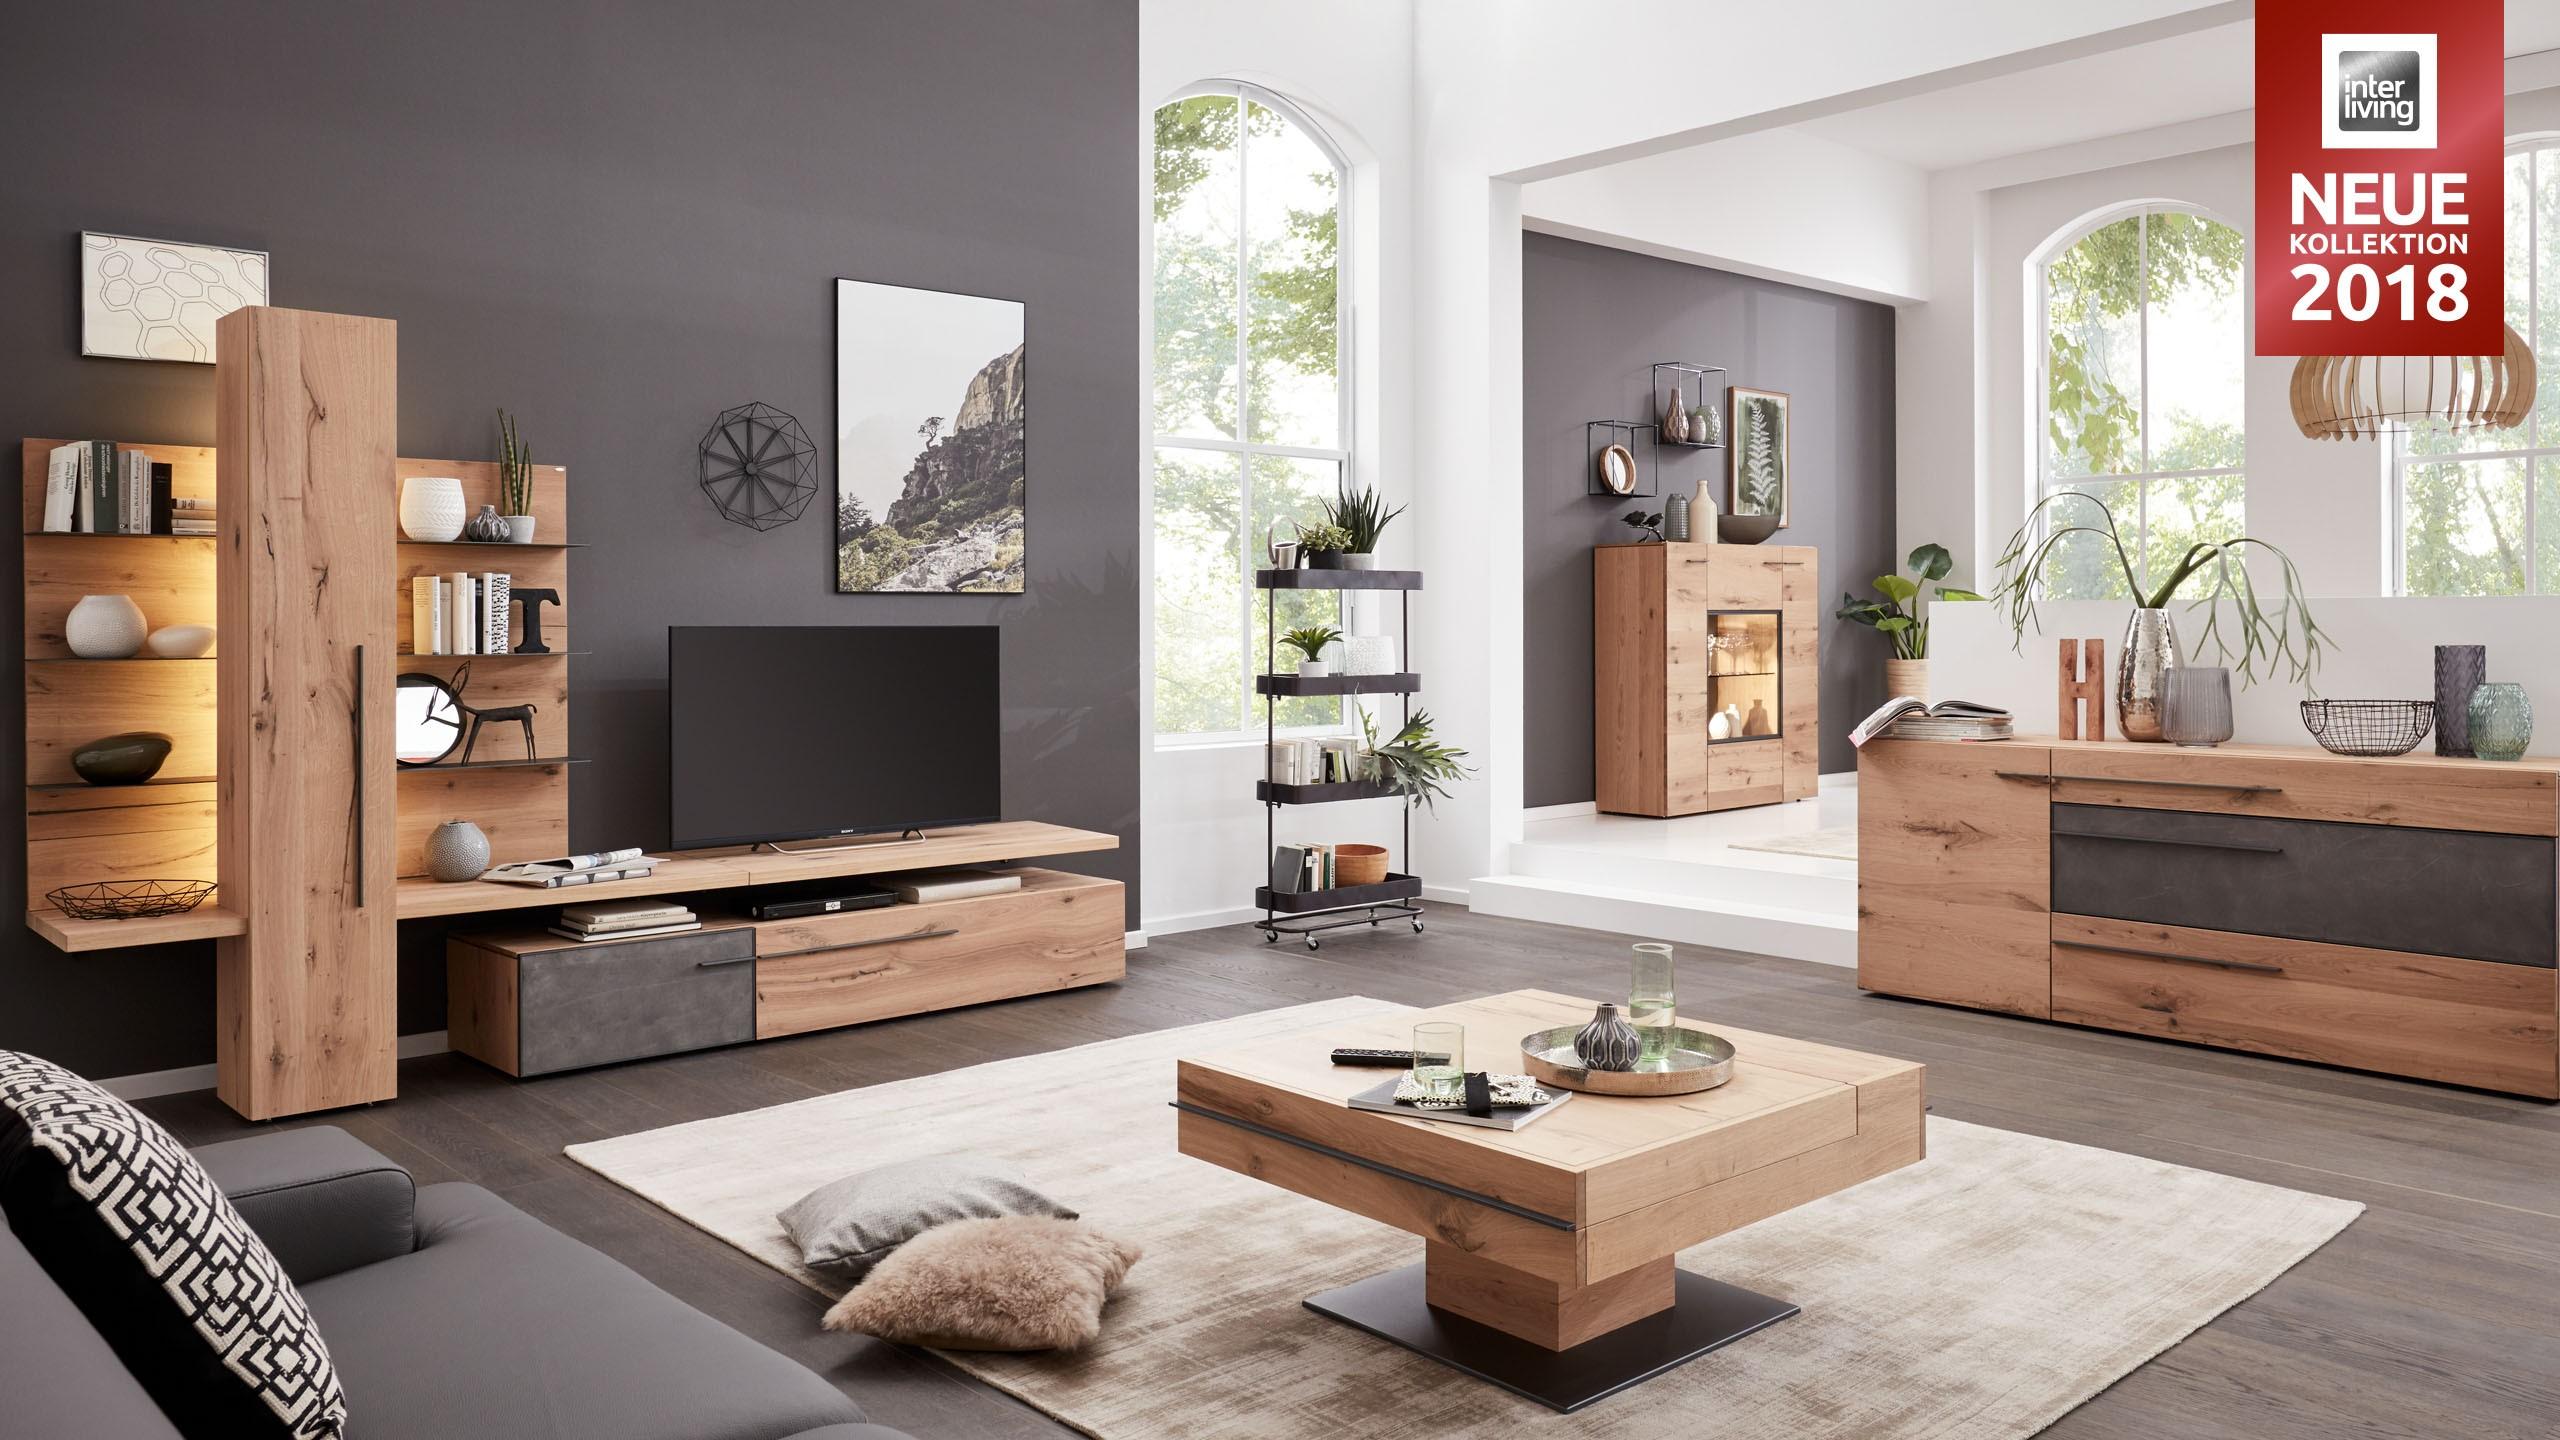 Interliving Wohnzimmer Serie 2004 | Interliving - Möbel für mich gemacht